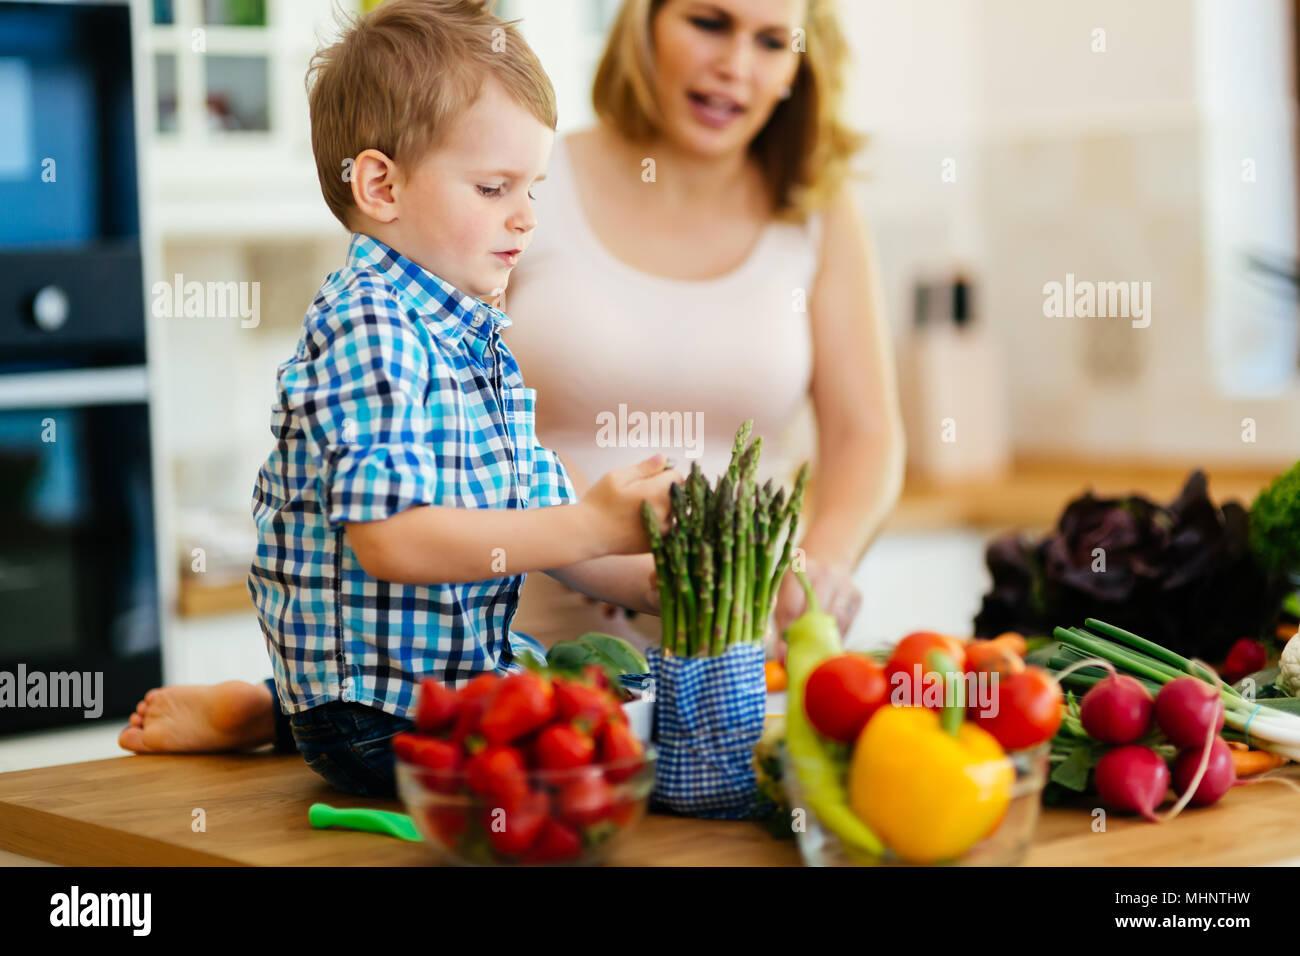 Madre e hijo preparando el almuerzo Imagen De Stock